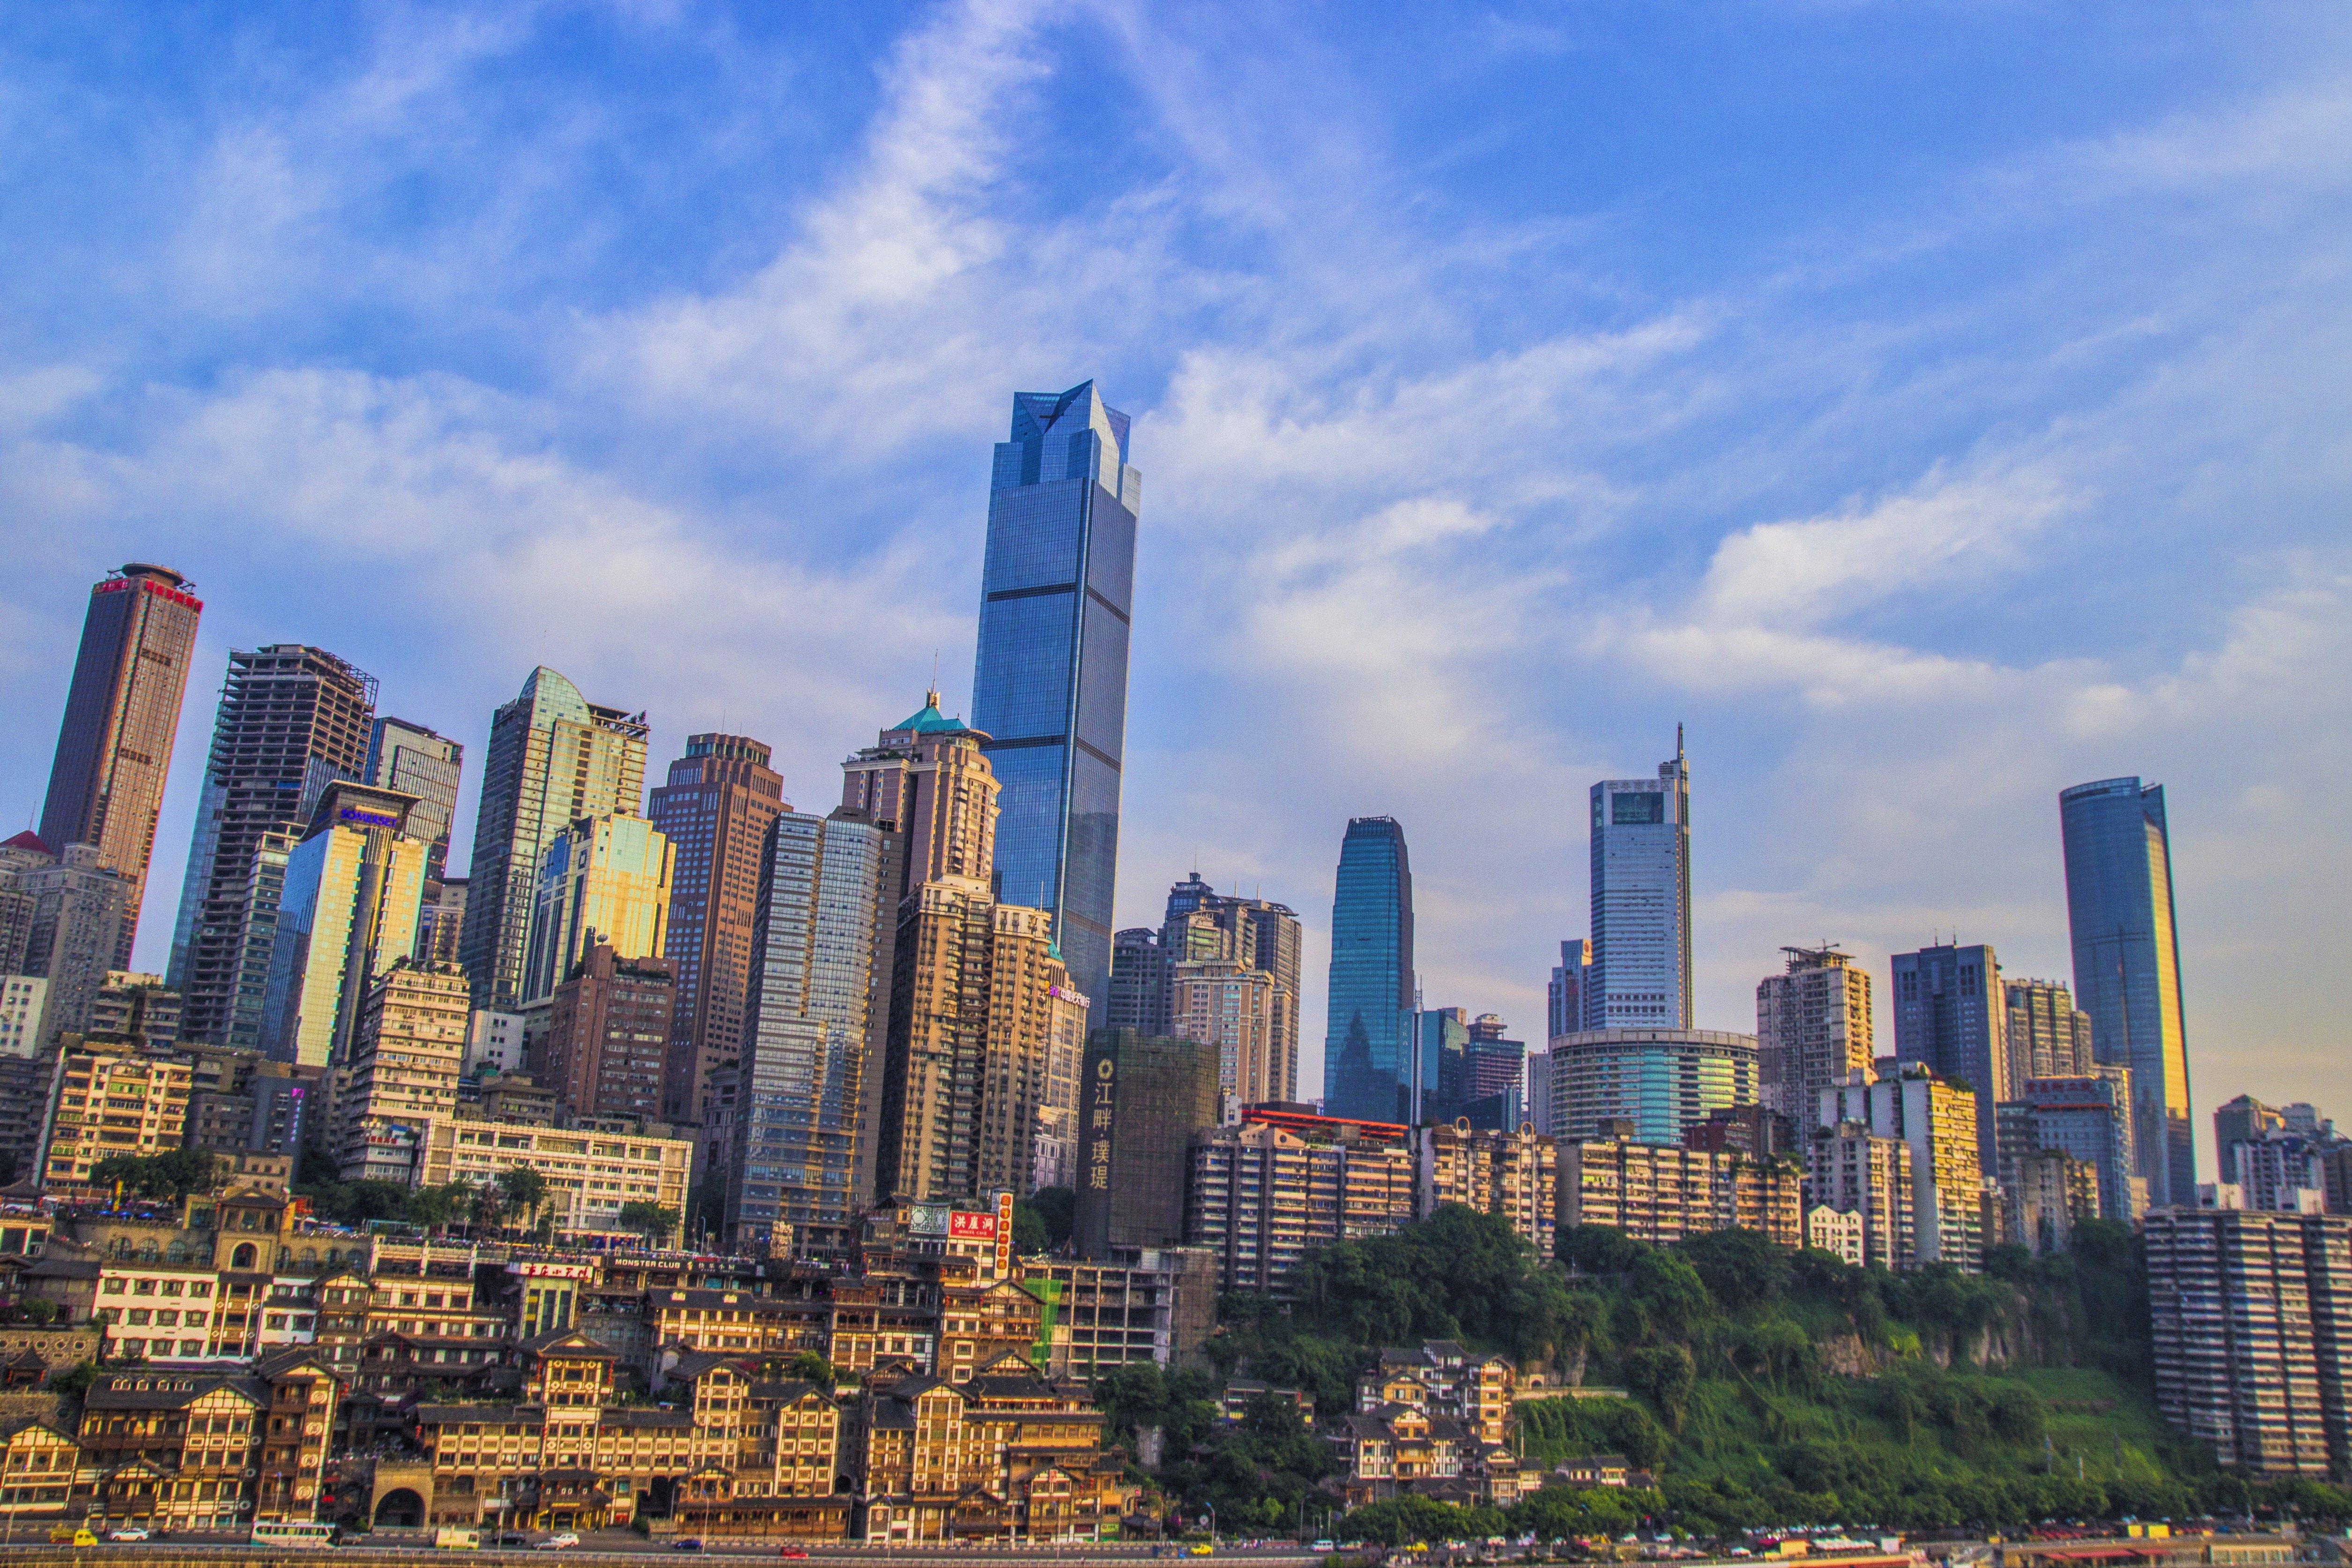 他是以重庆的高楼大厦作为背景,然后自身又是木制结构,差异性很大,看